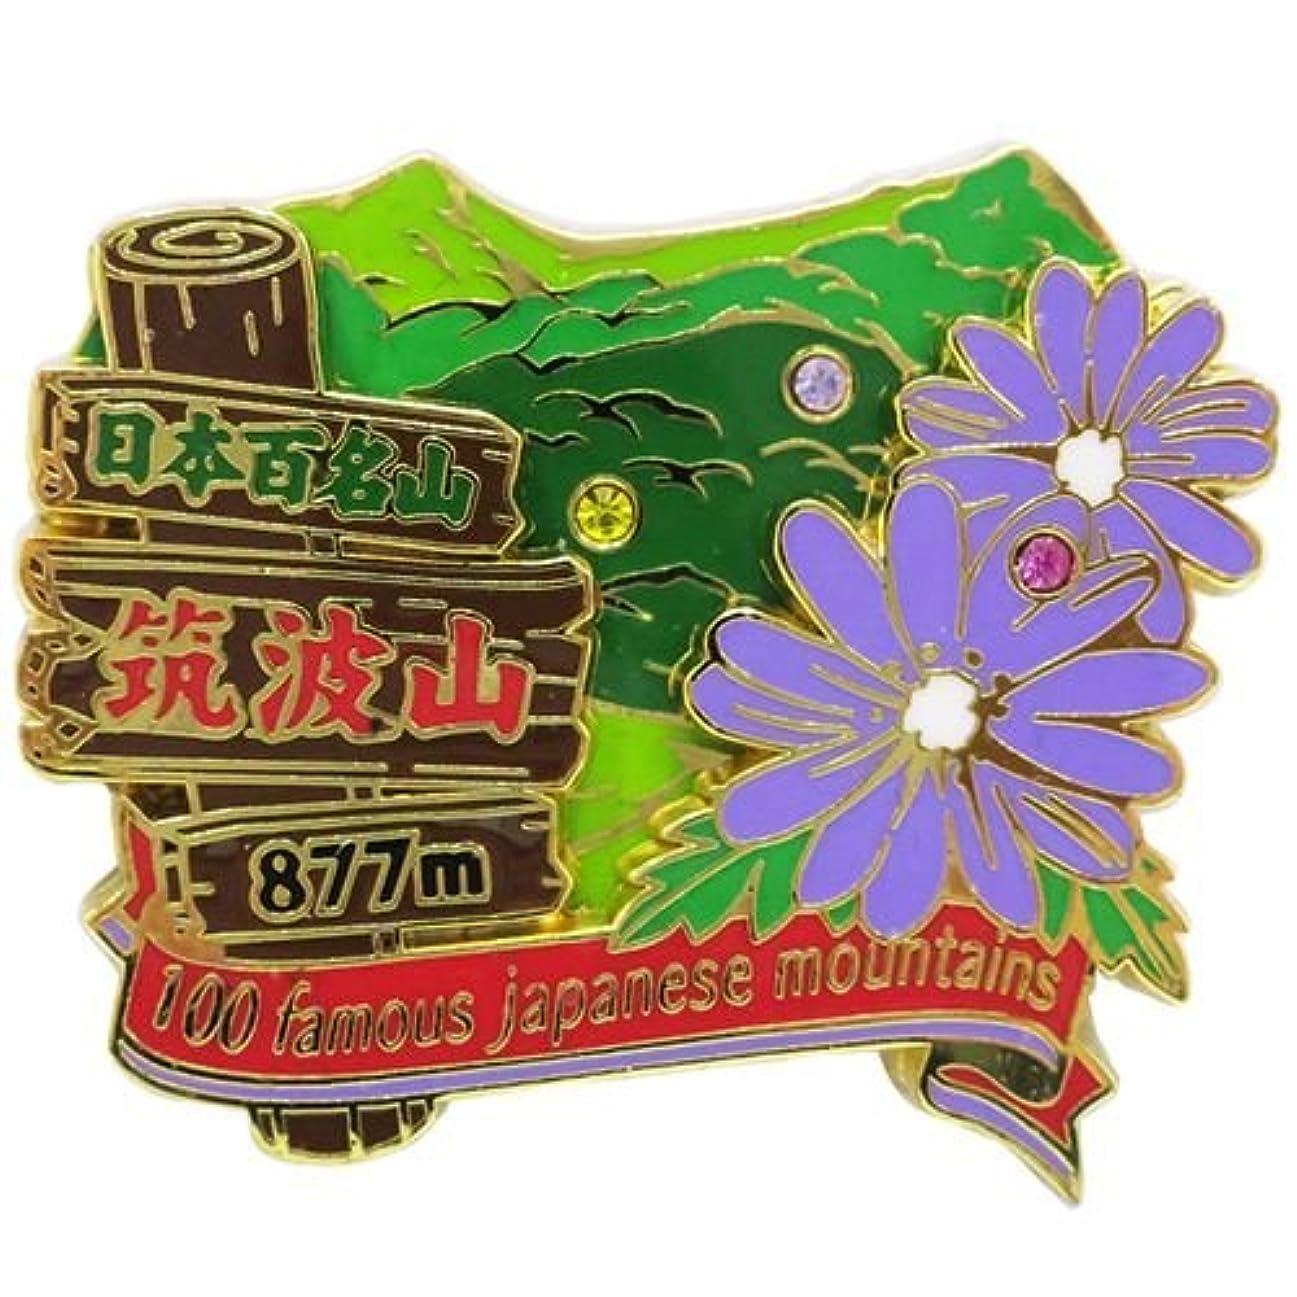 破裂発生器リマーク日本百名山[ピンバッジ]2段 ピンズ/筑波山 エイコー トレッキング 登山 グッズ 通販